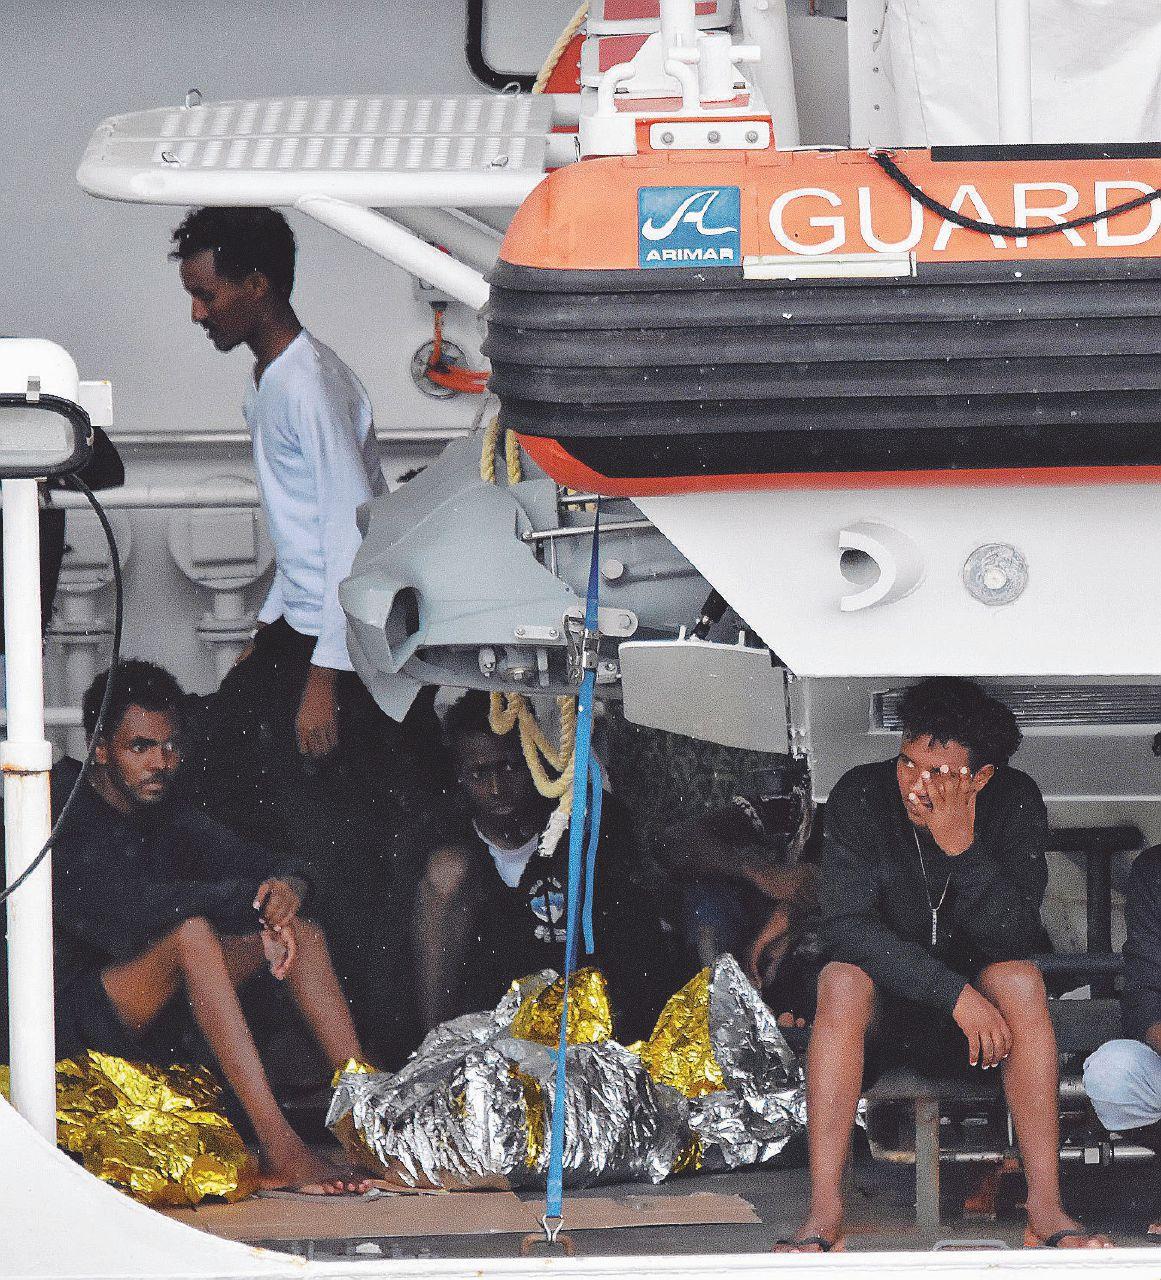 In Edicola sul Fatto Quotidiano del 25 agosto: La Ue se ne frega dei migranti. I governi lavorano per Salvini